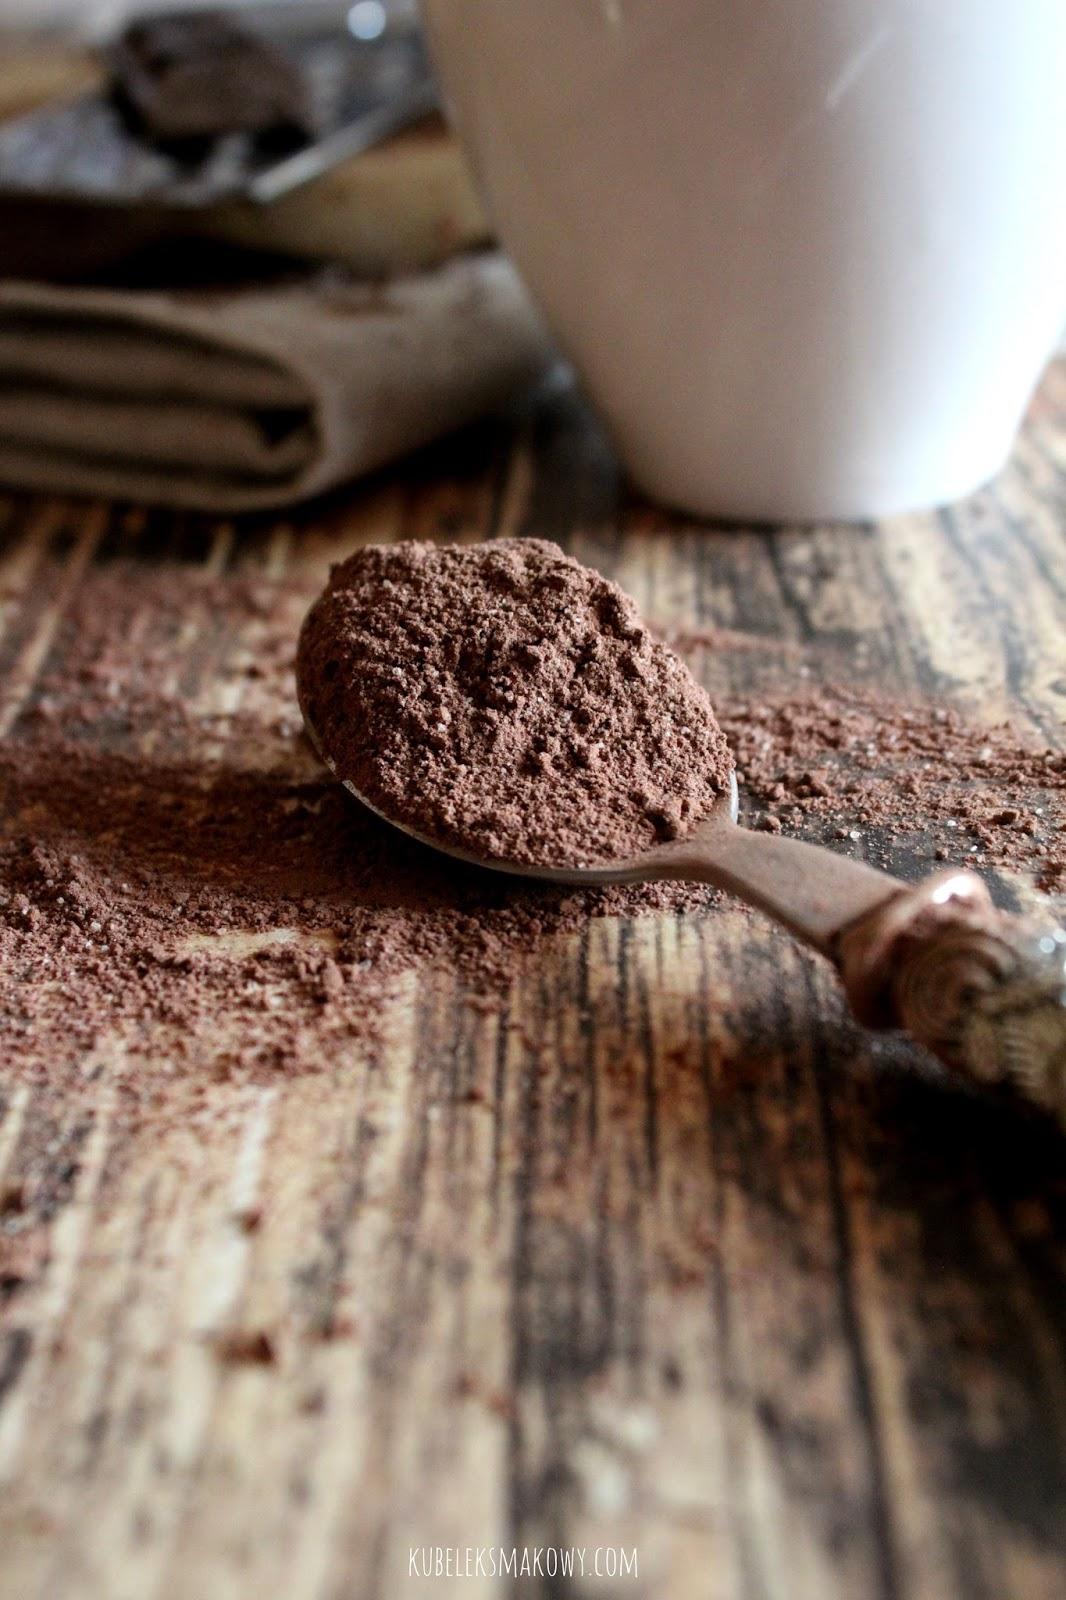 domowa gorąca czekolada w proszku - przepis